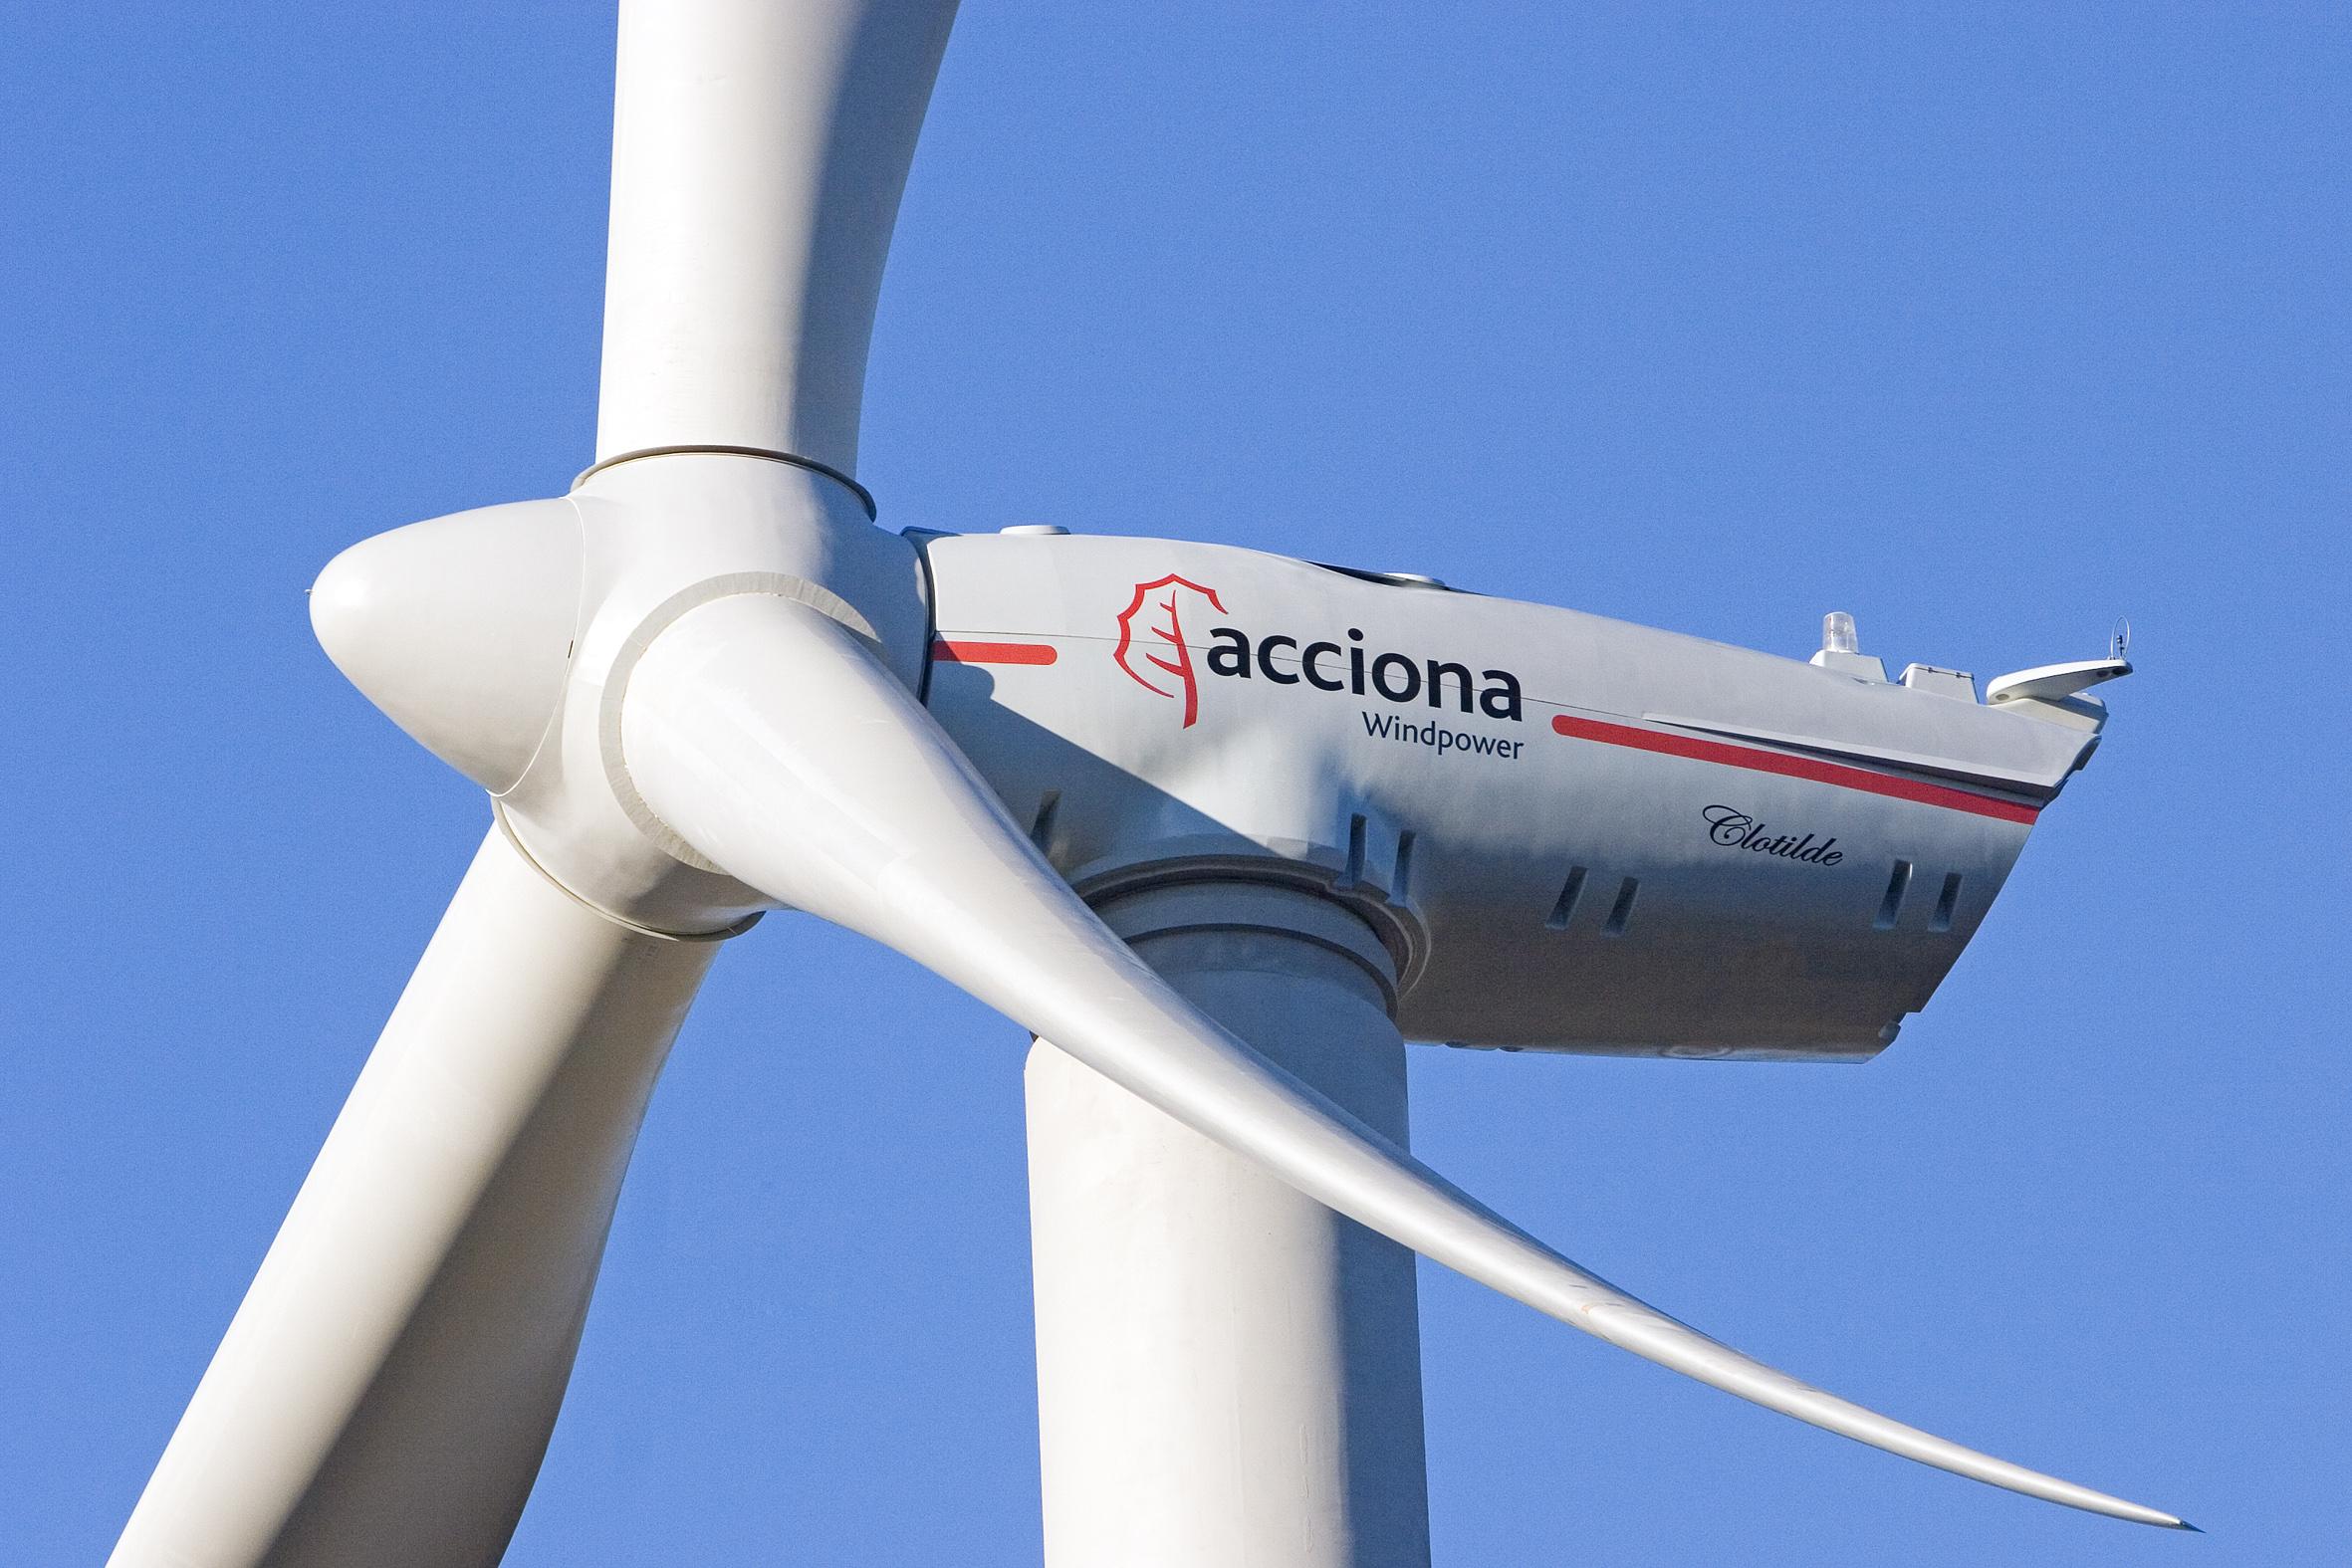 Eólica en Asturias: parque eólico en Villanueva de Oscos con aerogeneradores de Acciona